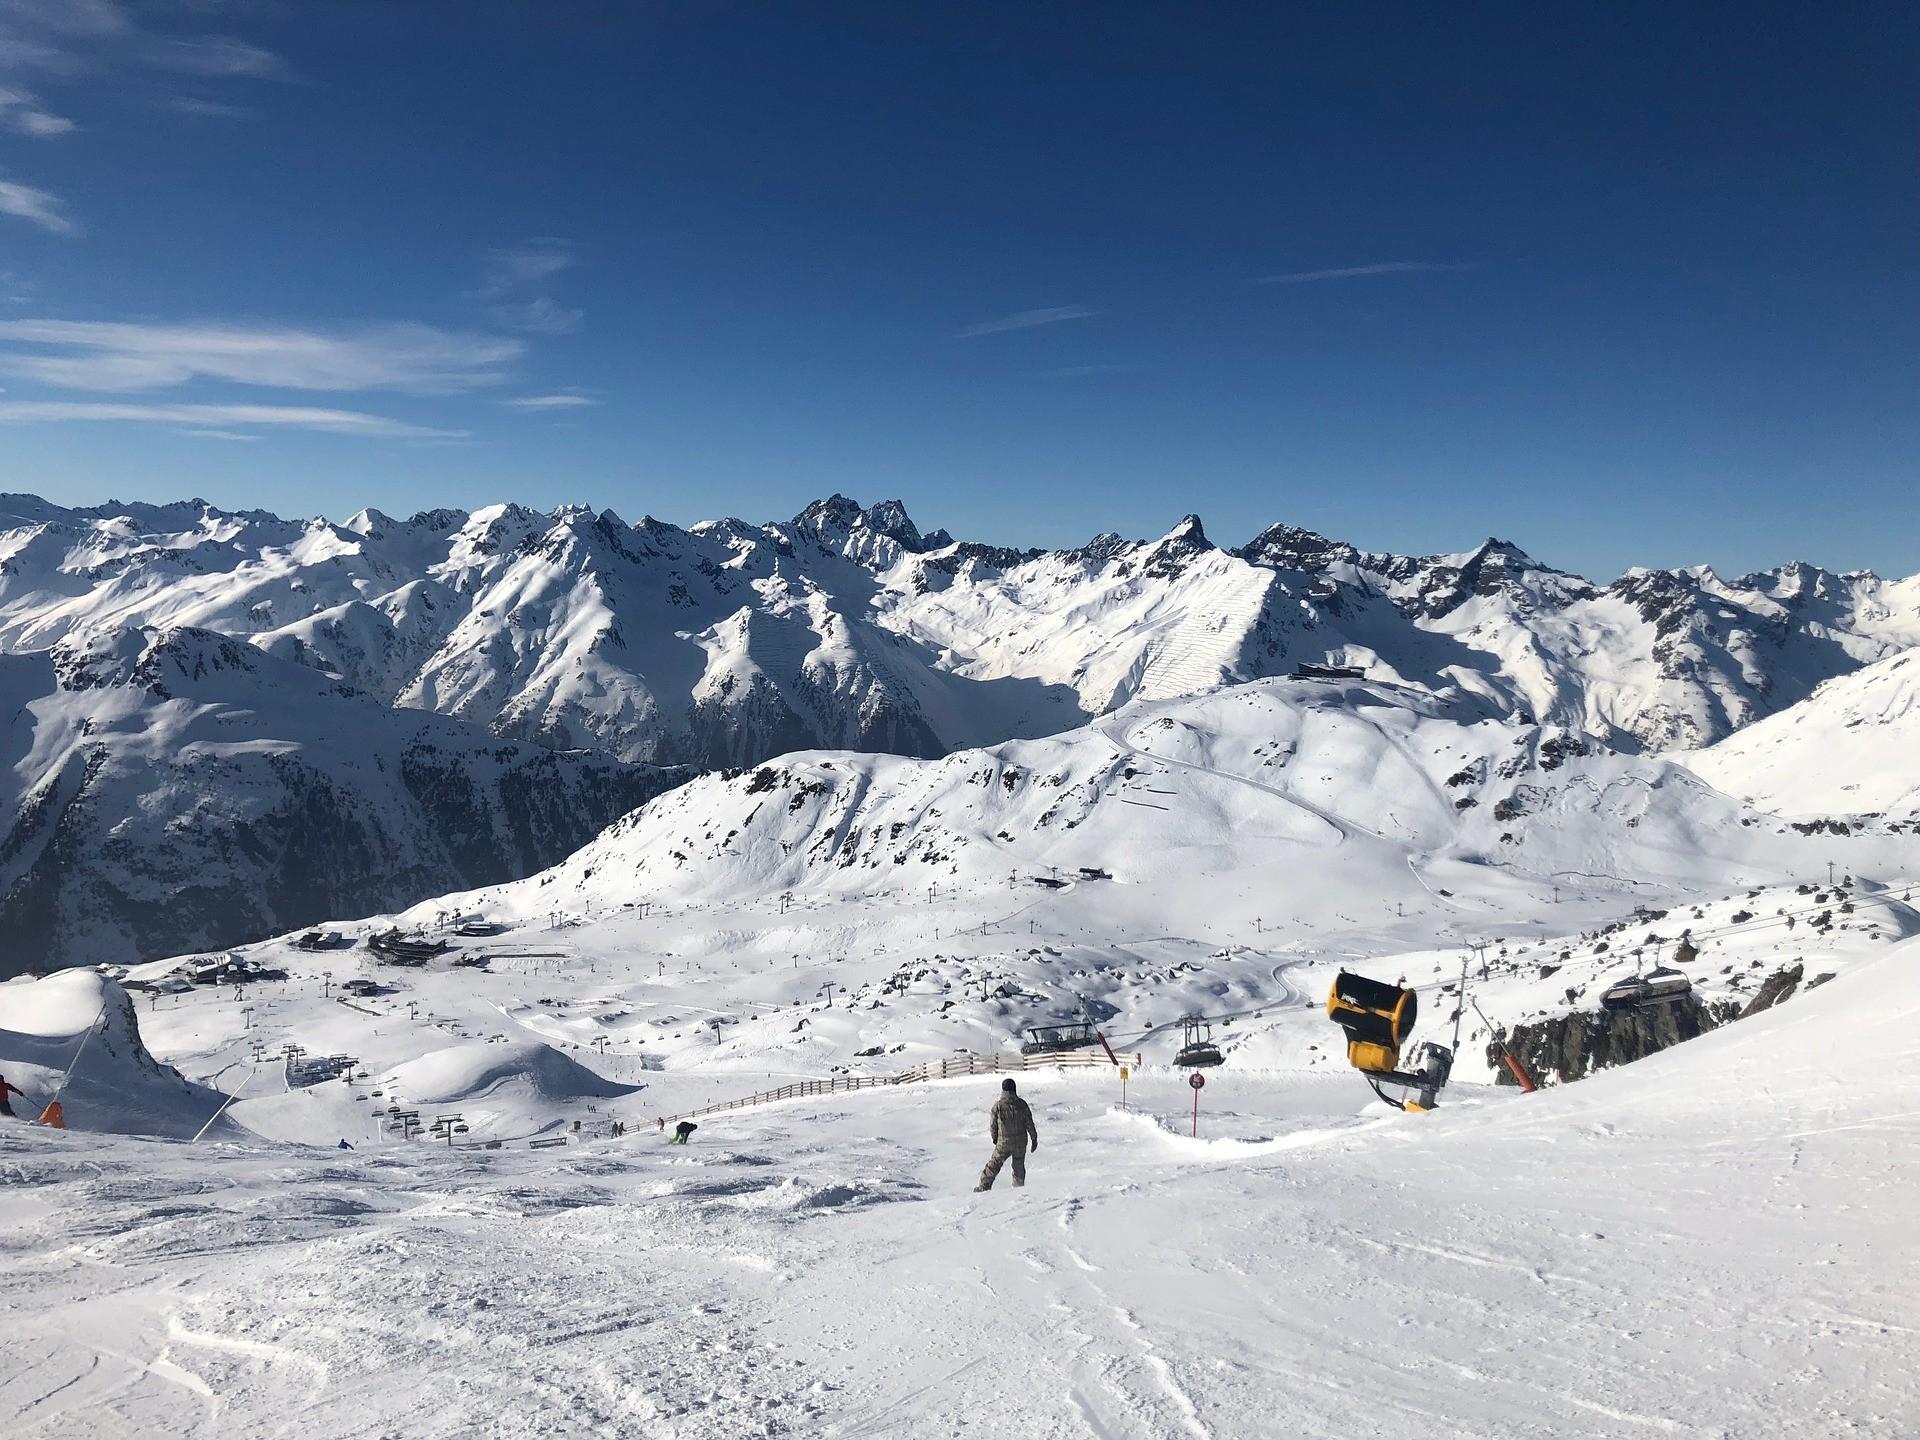 Ischgl Oostenrijk bergen met sneeuw